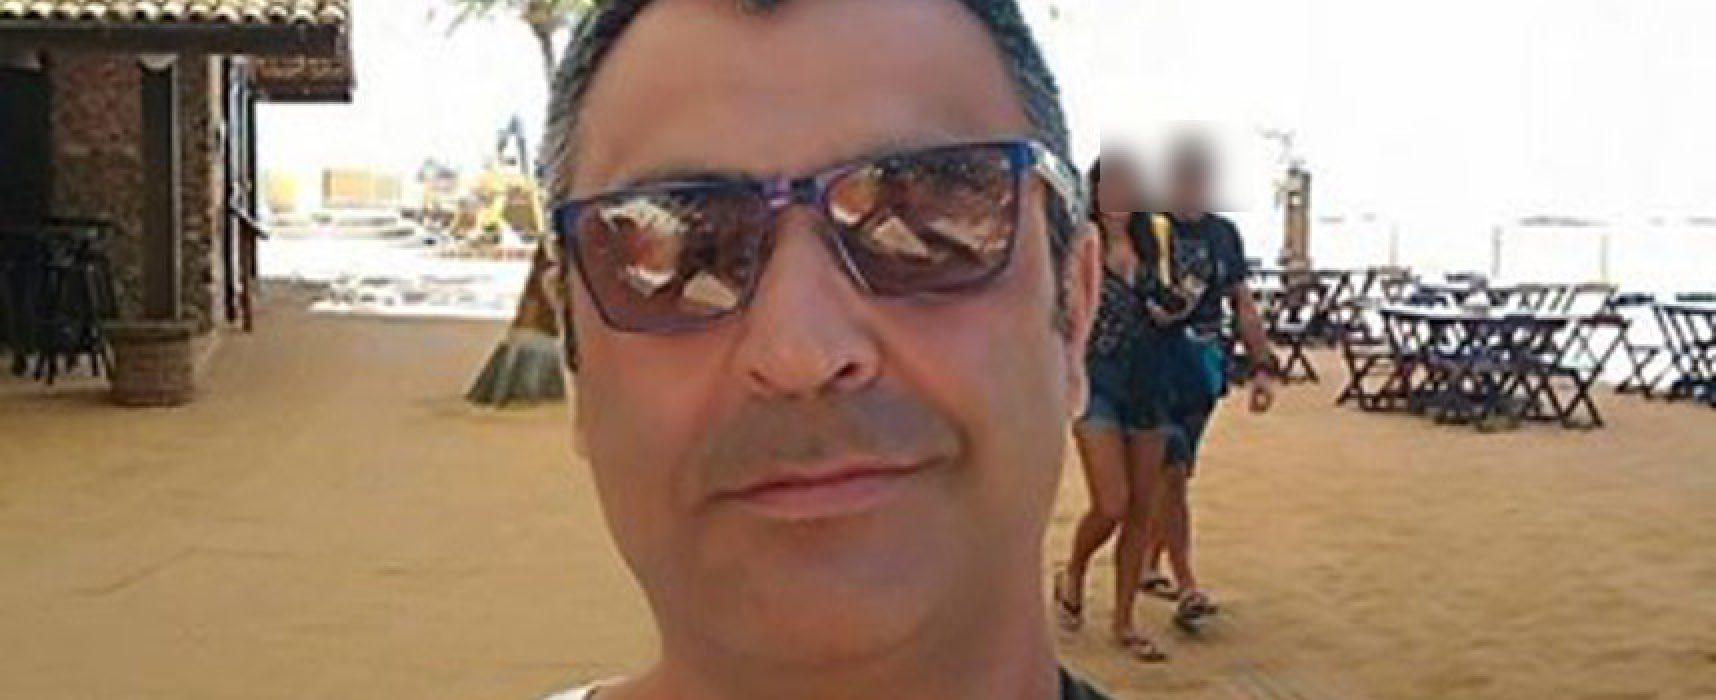 È morto Mario Simone, l'ex carabiniere aggredito brutalmente in Brasile